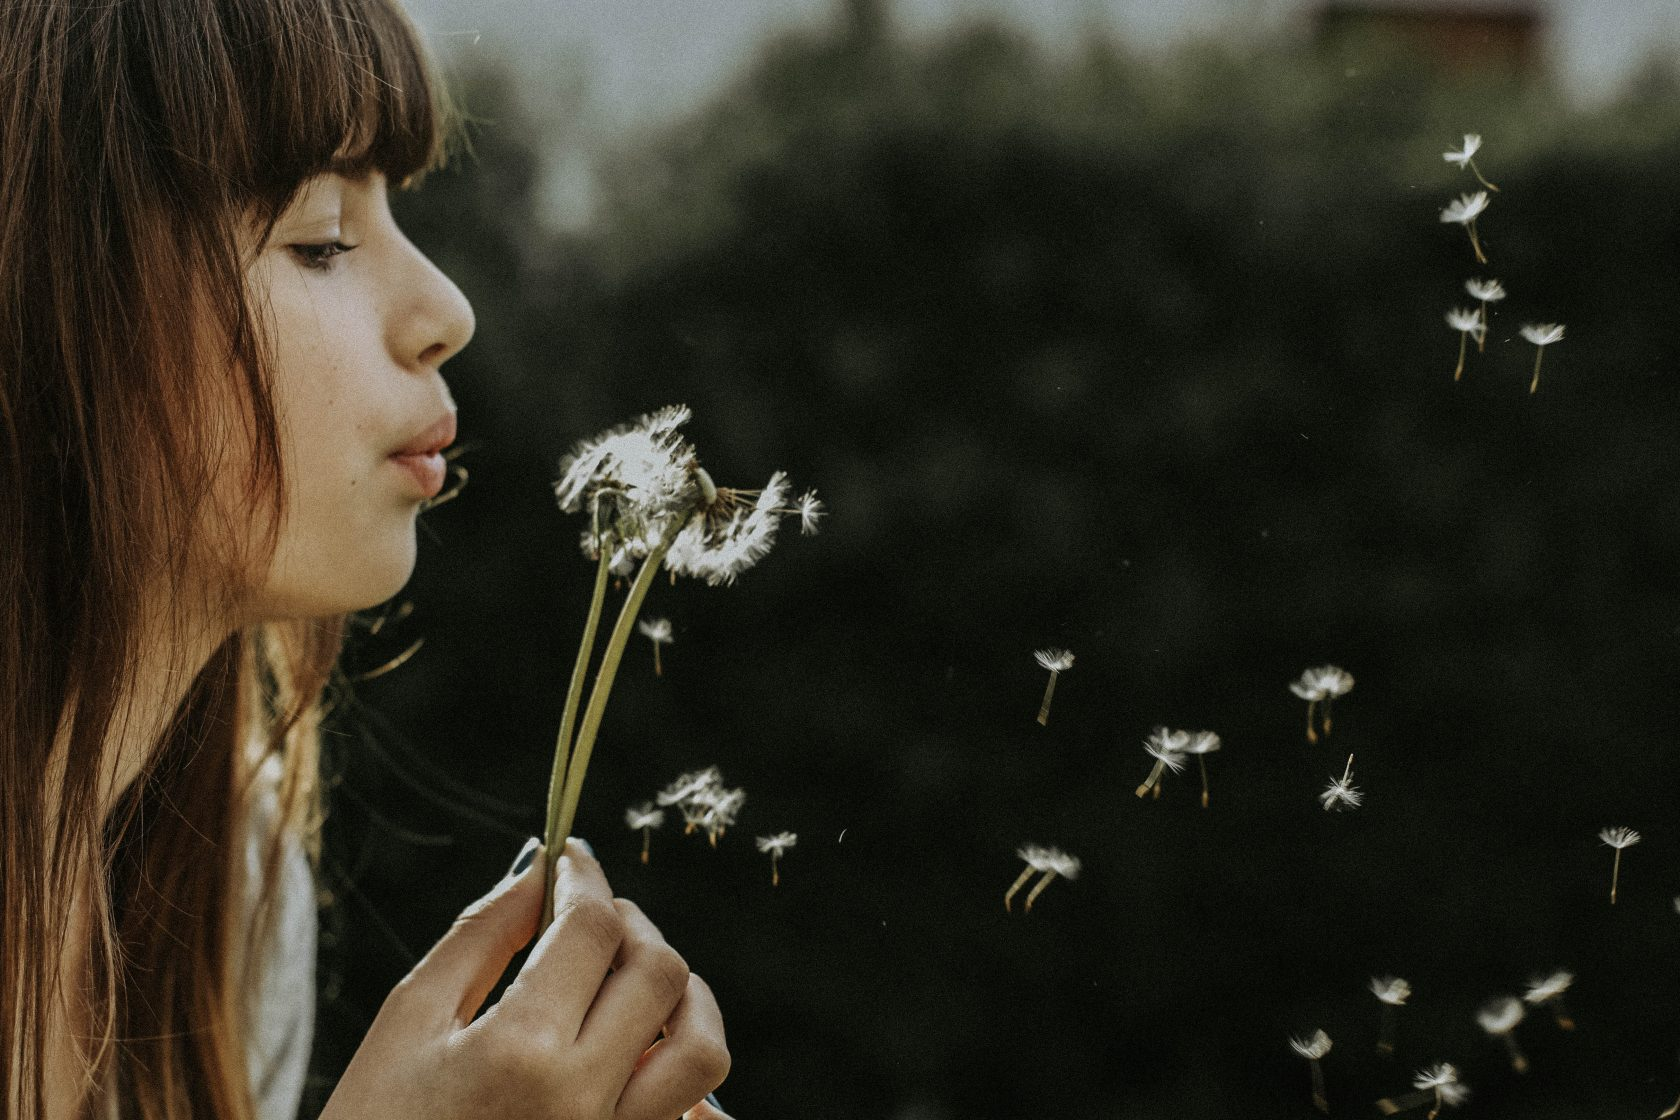 Stress kan je zelf reduceren door goed uit te ademen. Met deze ademhalingsoefeningen voor stress vermindering kan je zelf aan de gang >